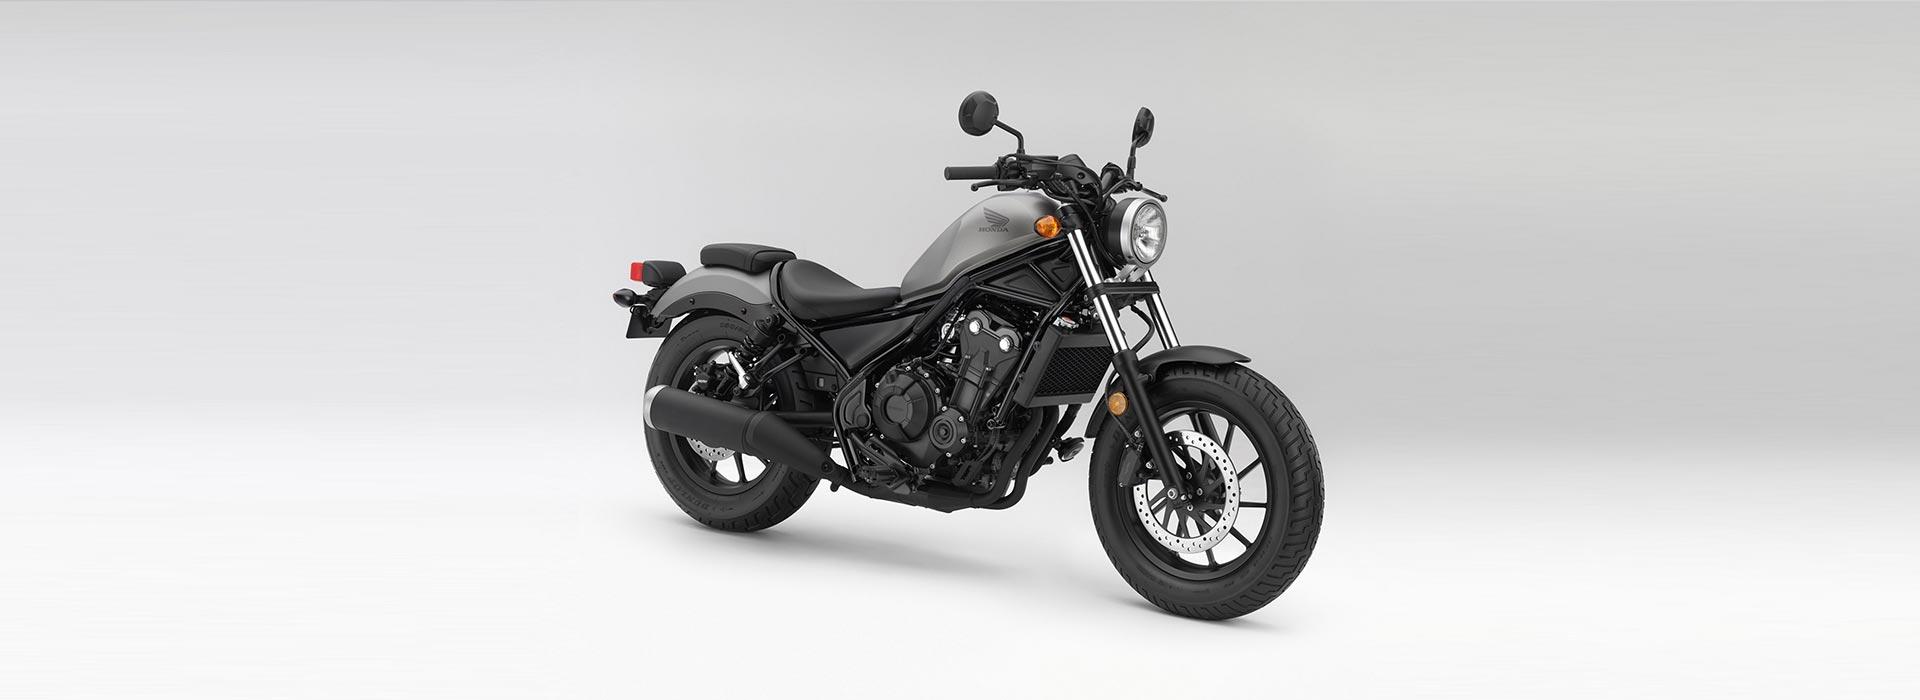 Honda CMX500 Rebel Indonesia